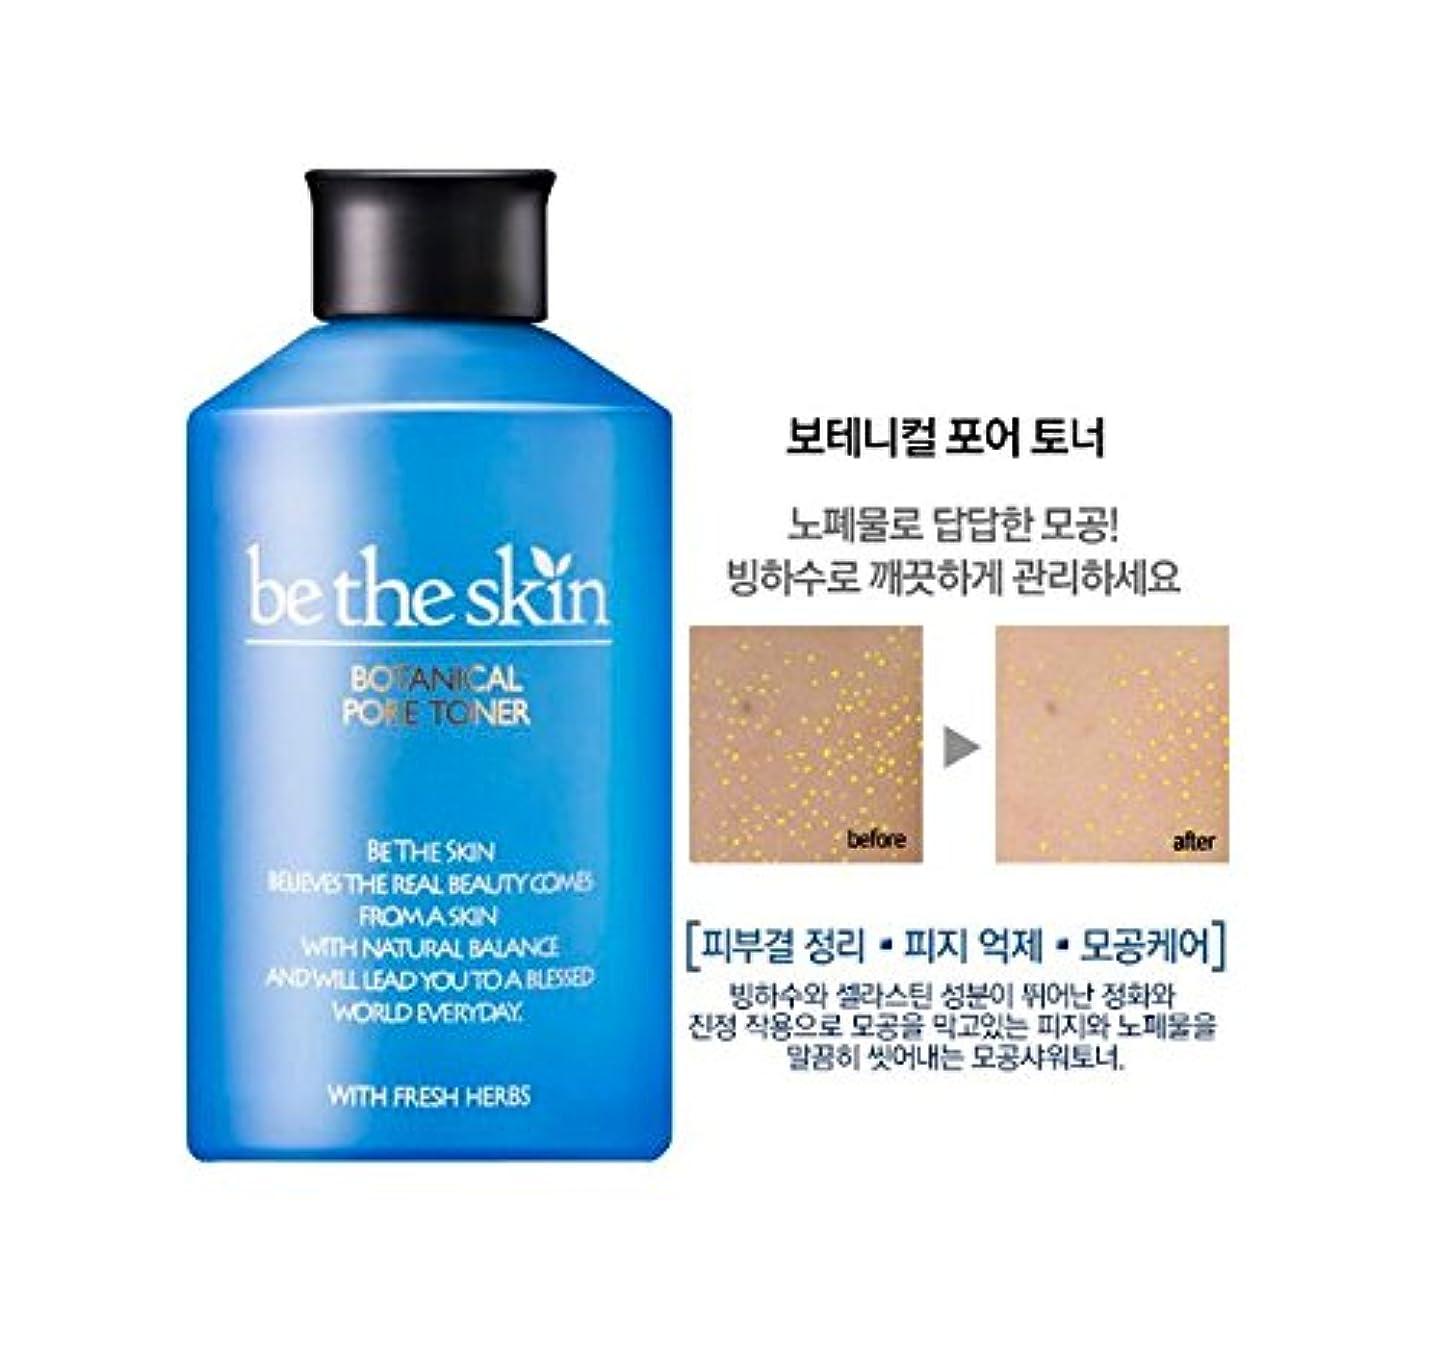 吸うシーフード出身地Be the Skin ボタニカル ポア トナー / Botanical Pore Toner (150ml) [並行輸入品]